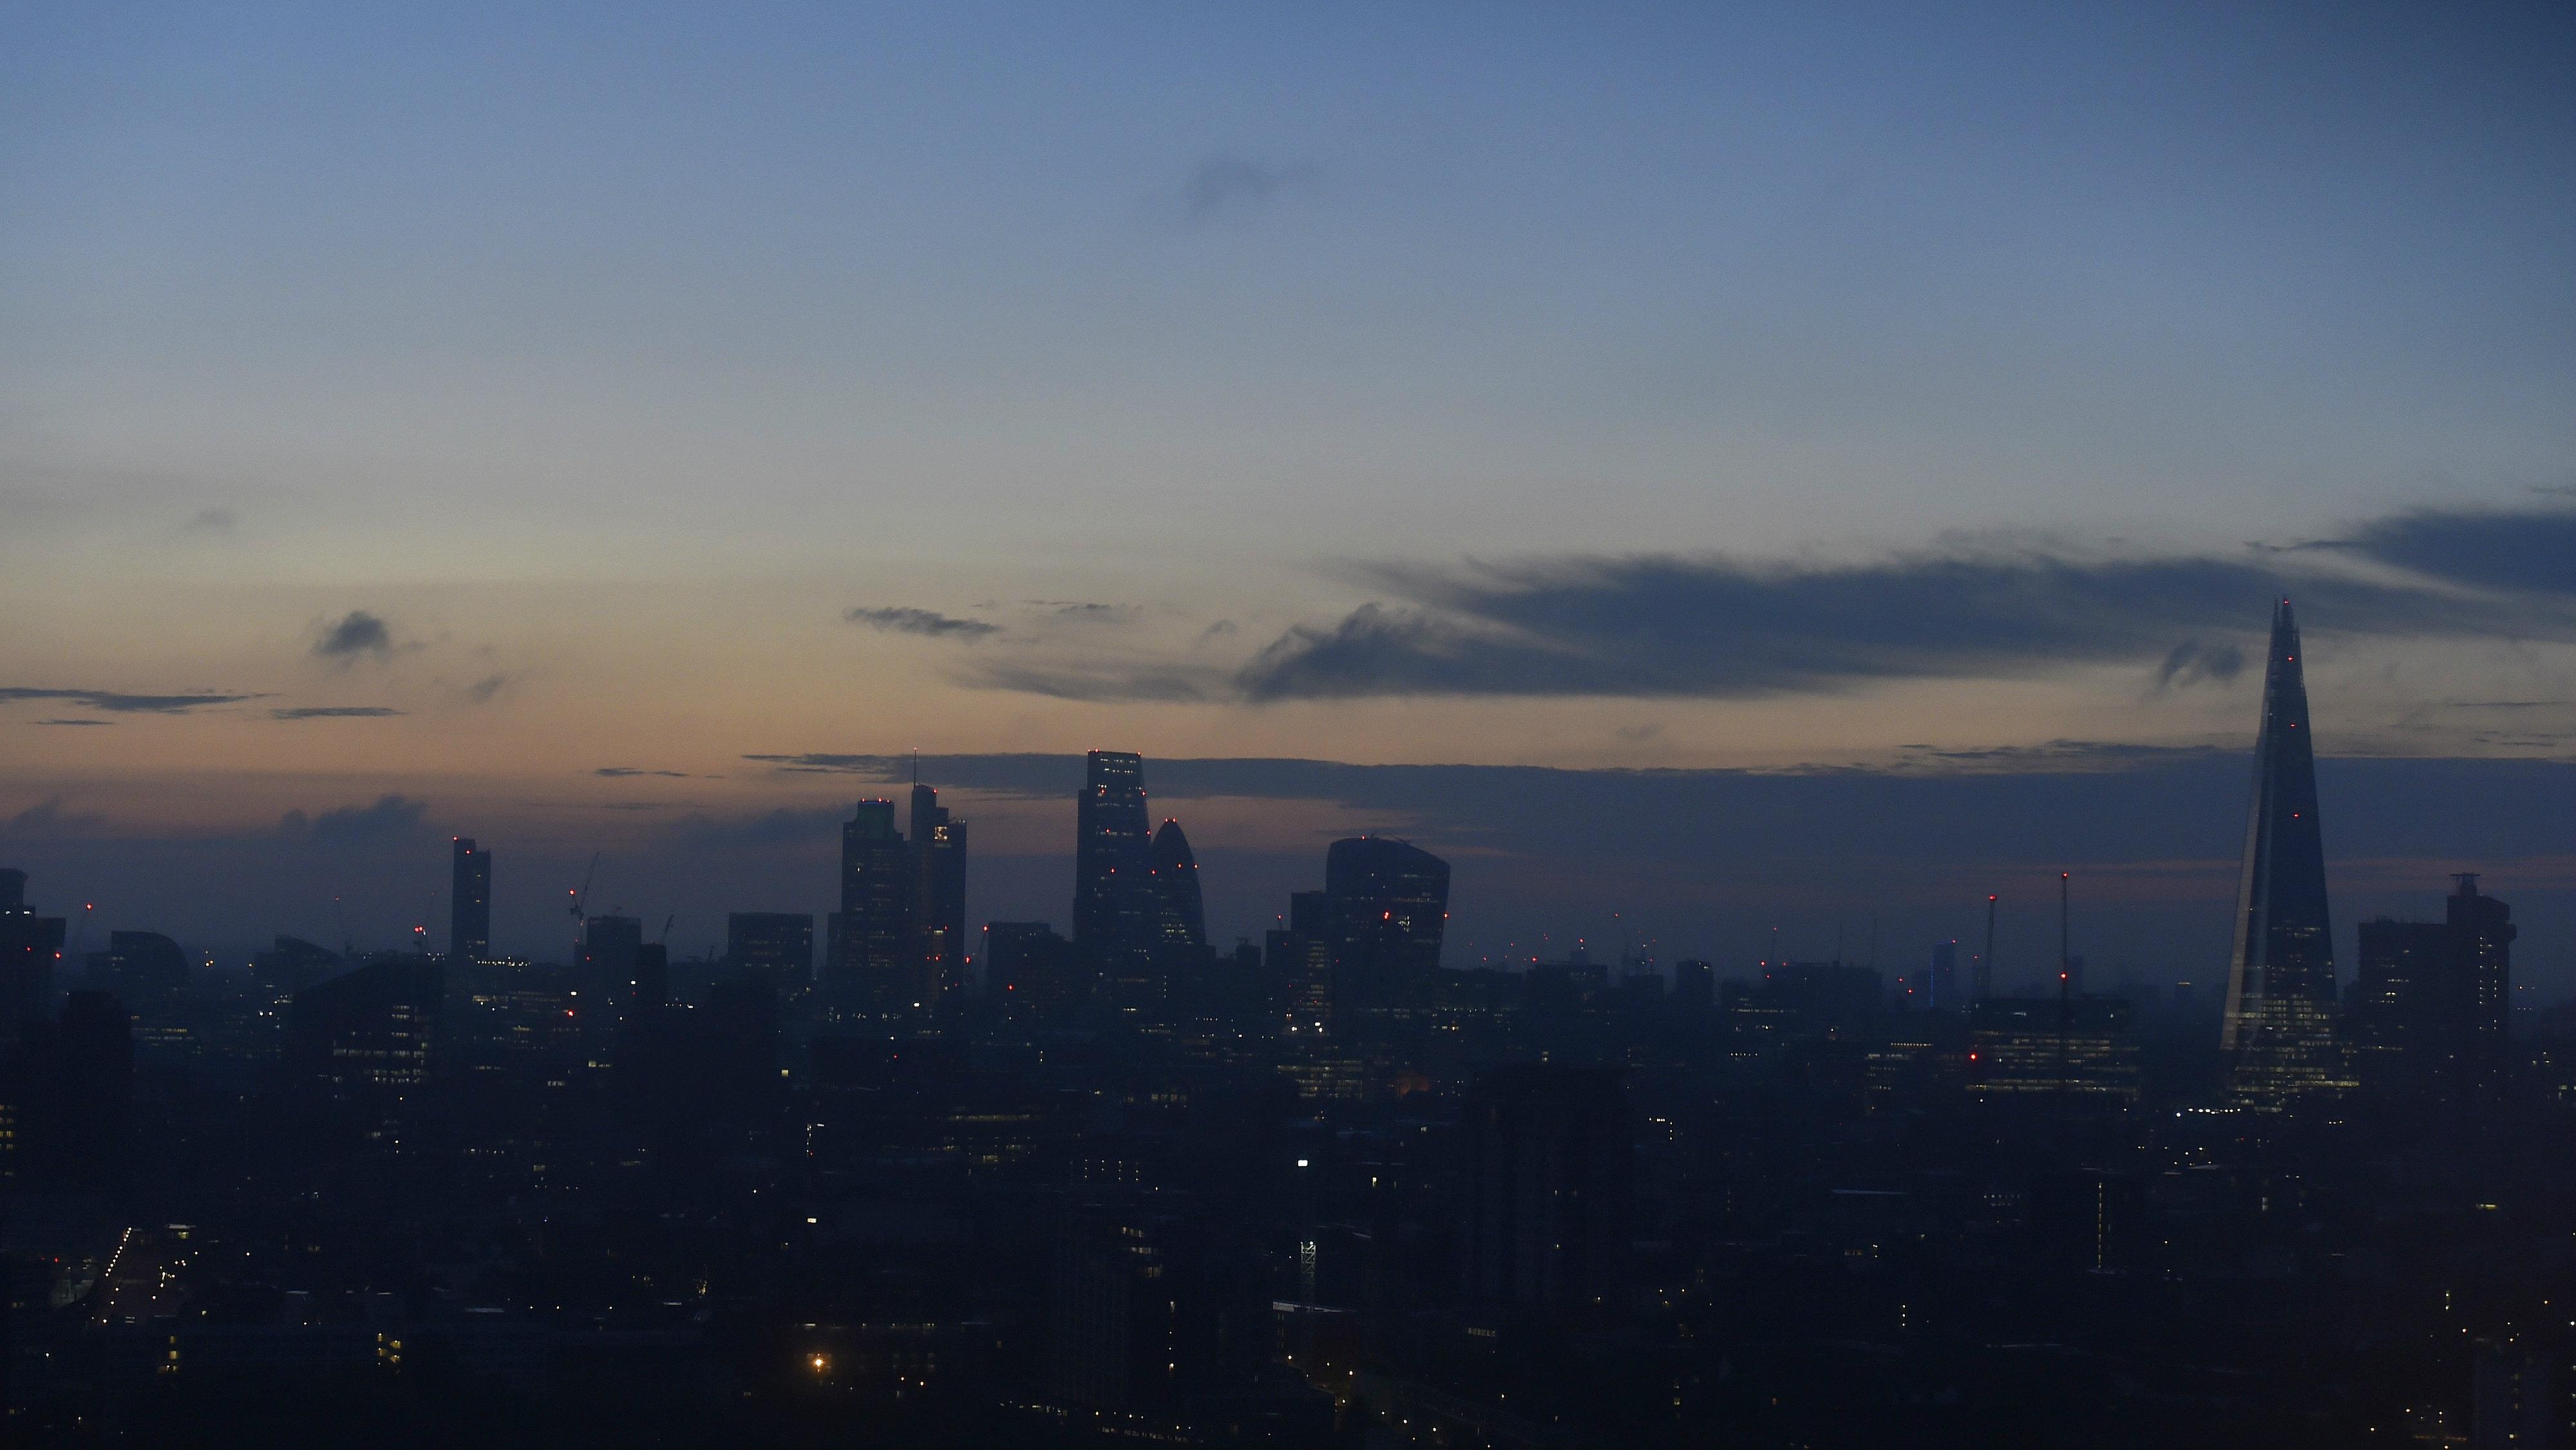 London at dawn